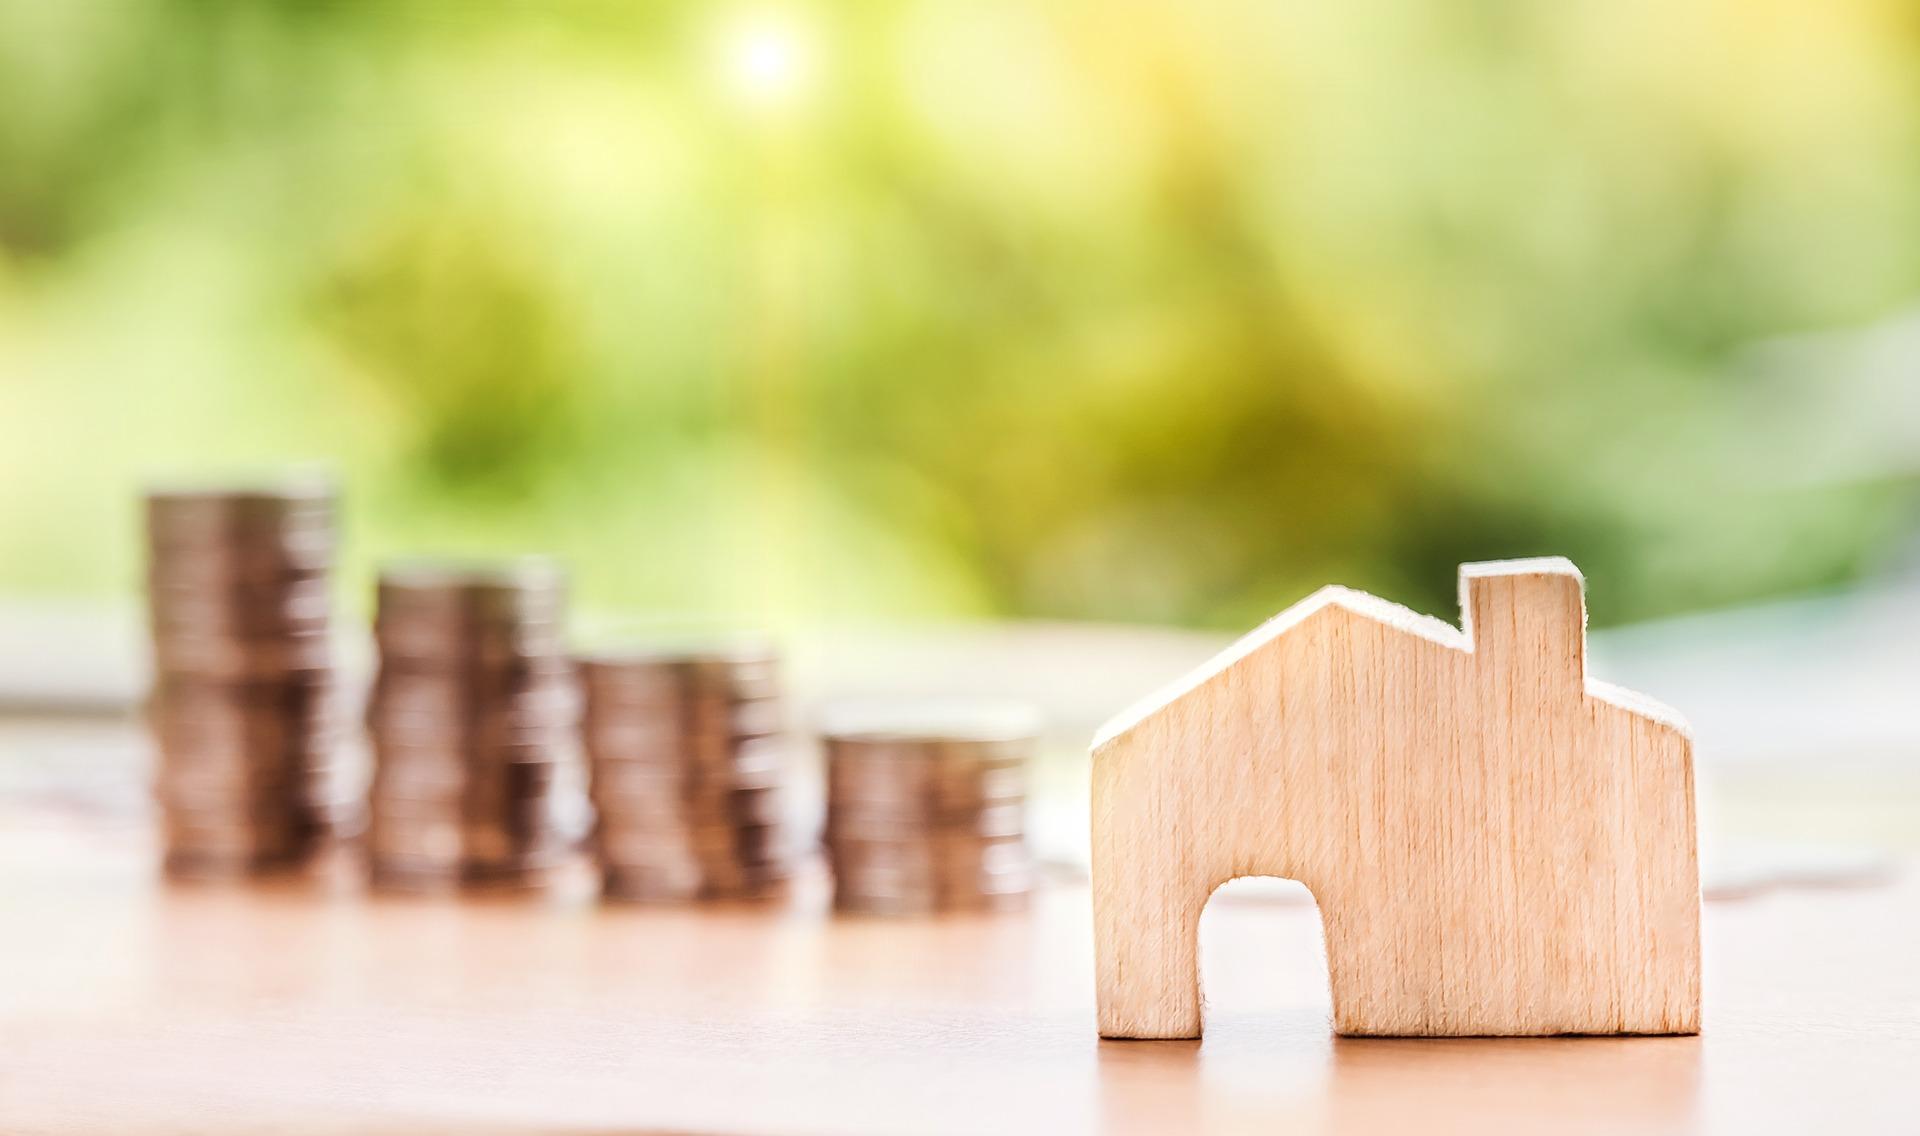 Сведения о направлении средств маткапитала на приобретение жилья планируется заносить в реестр прав на недвижимость